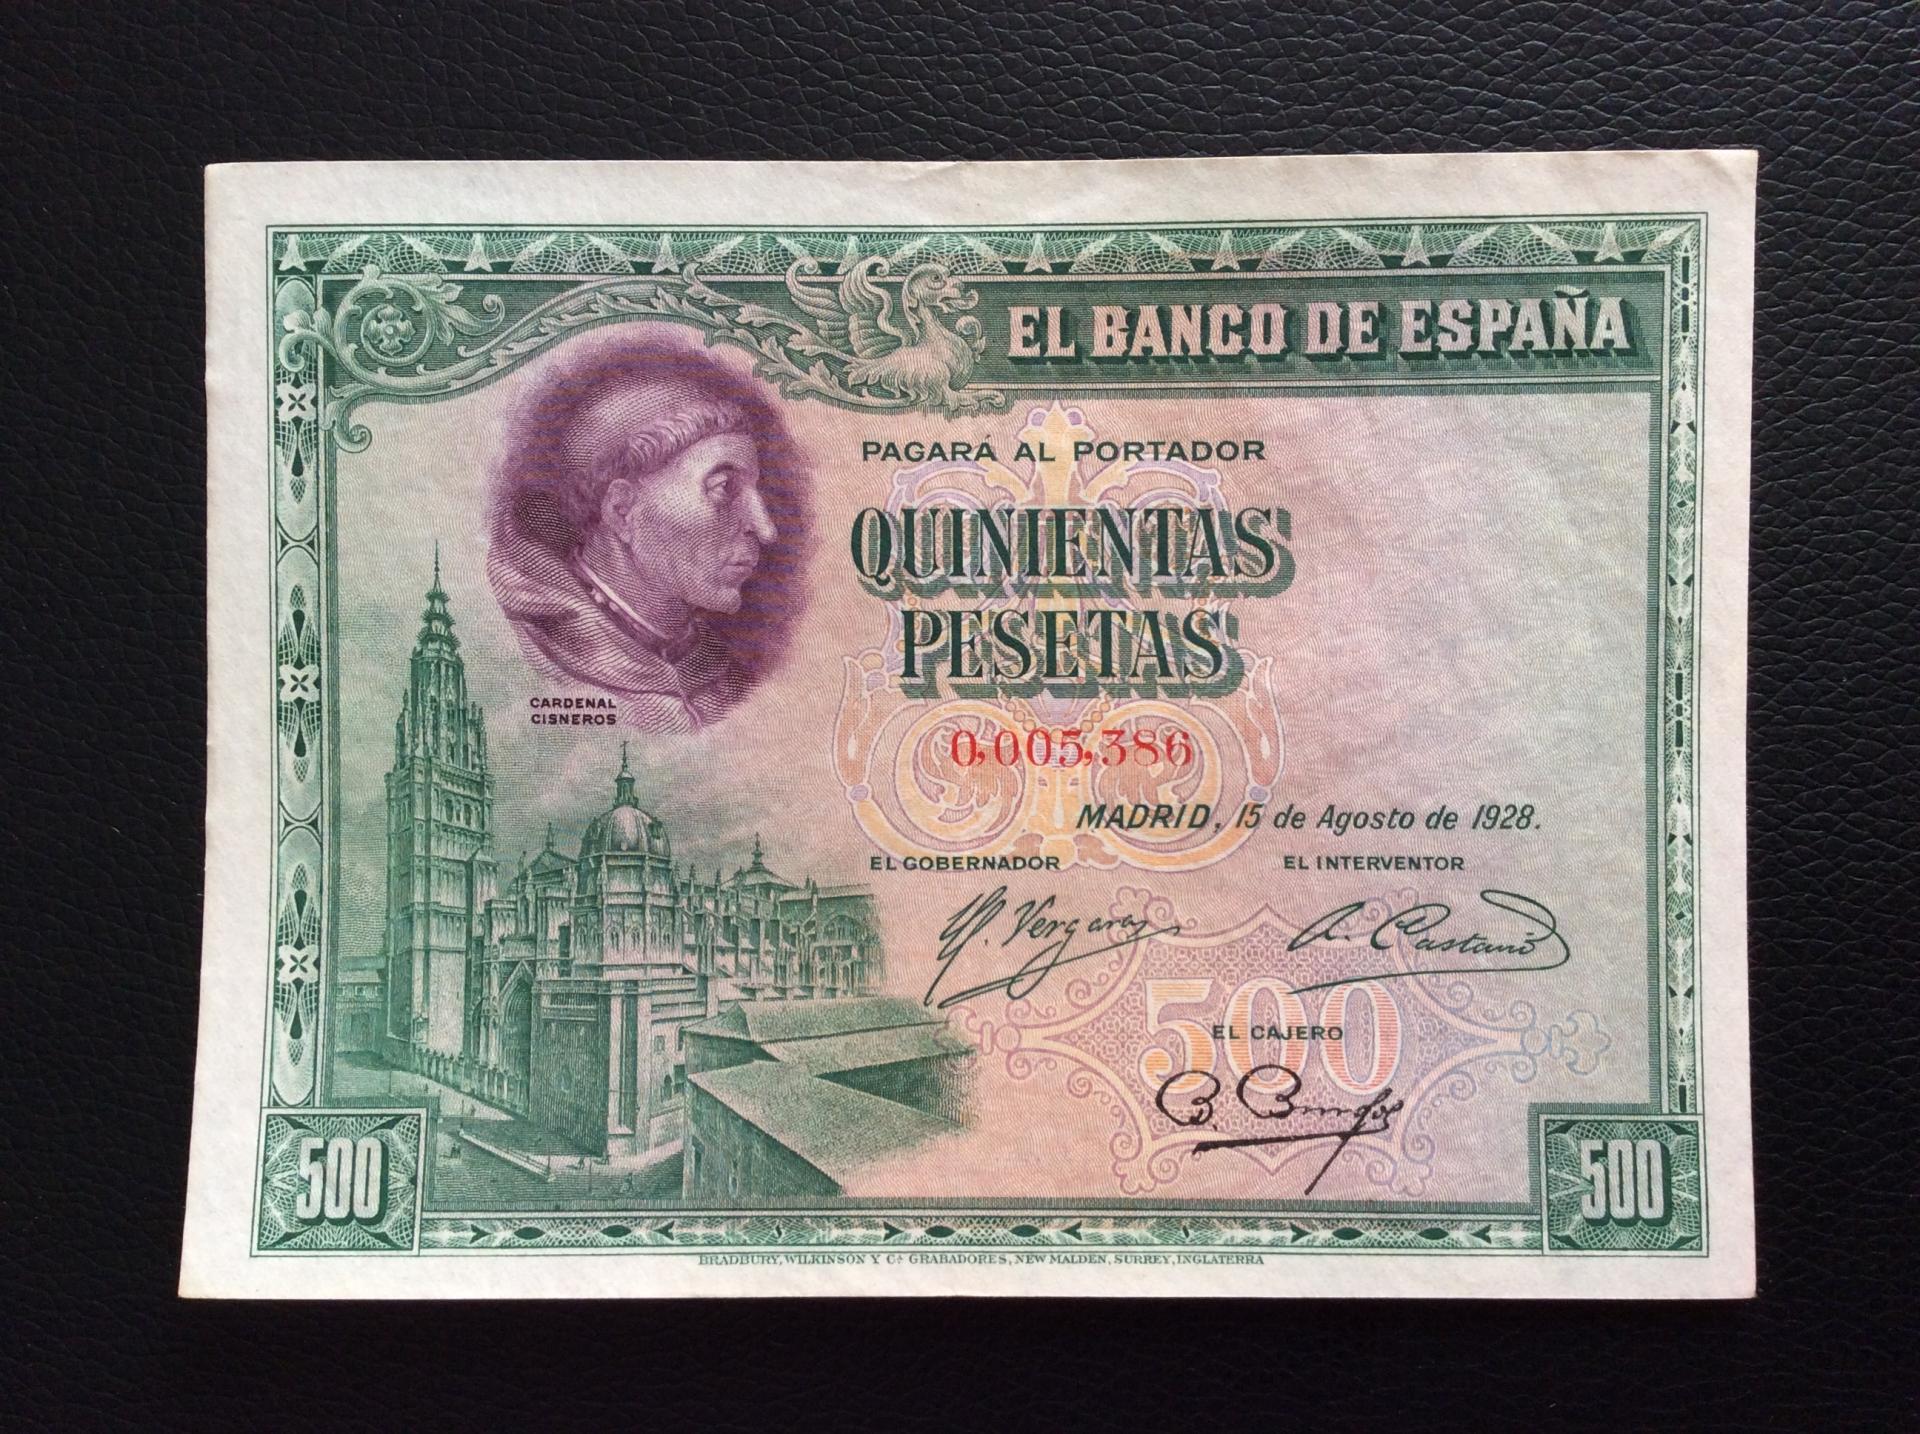 500 PESETAS 1928 - CARDENAL CISNEROS - No MERO DE SERIE MUY BAJO